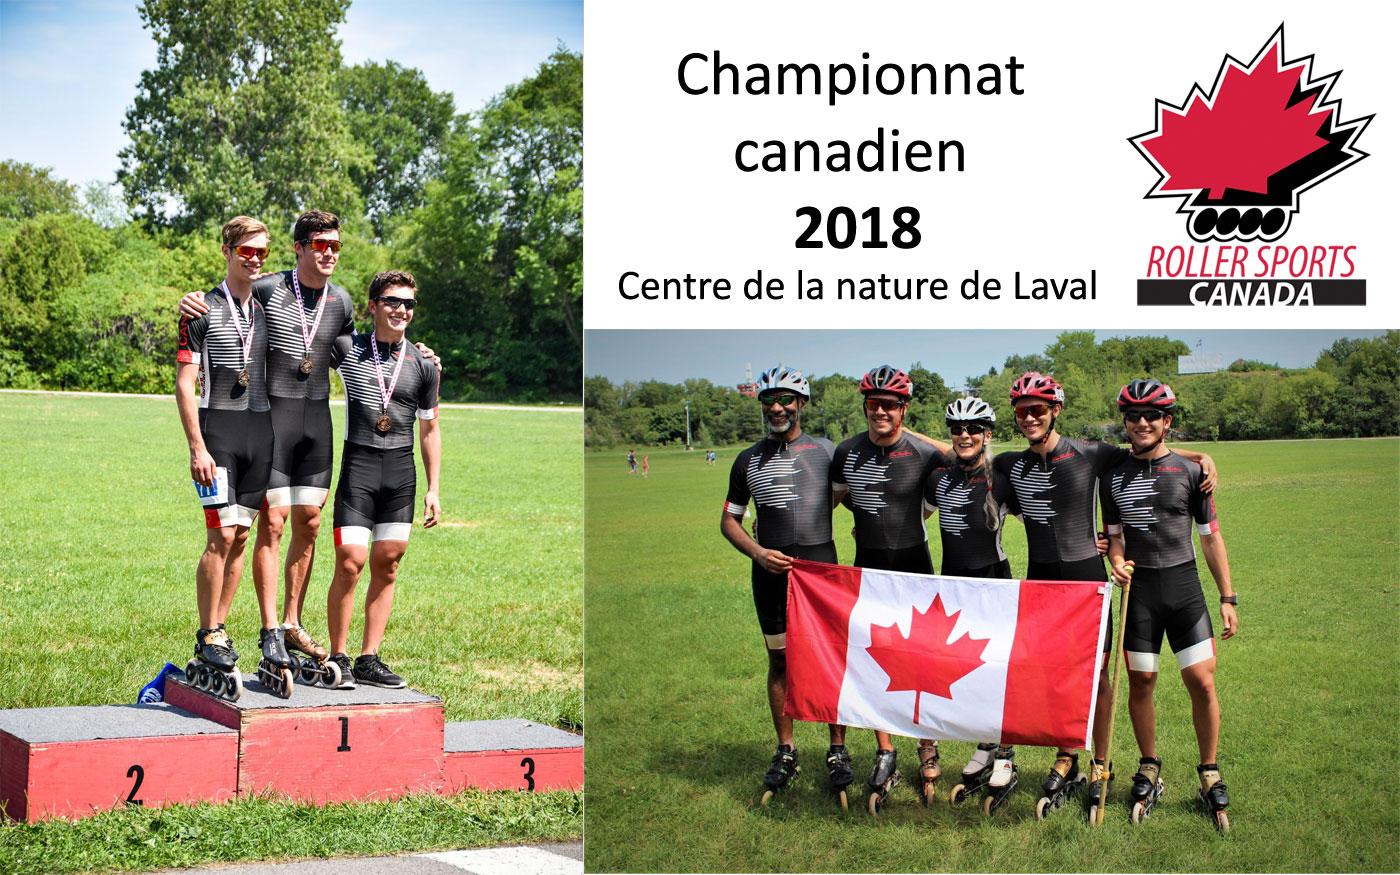 Championnat canadien 2018